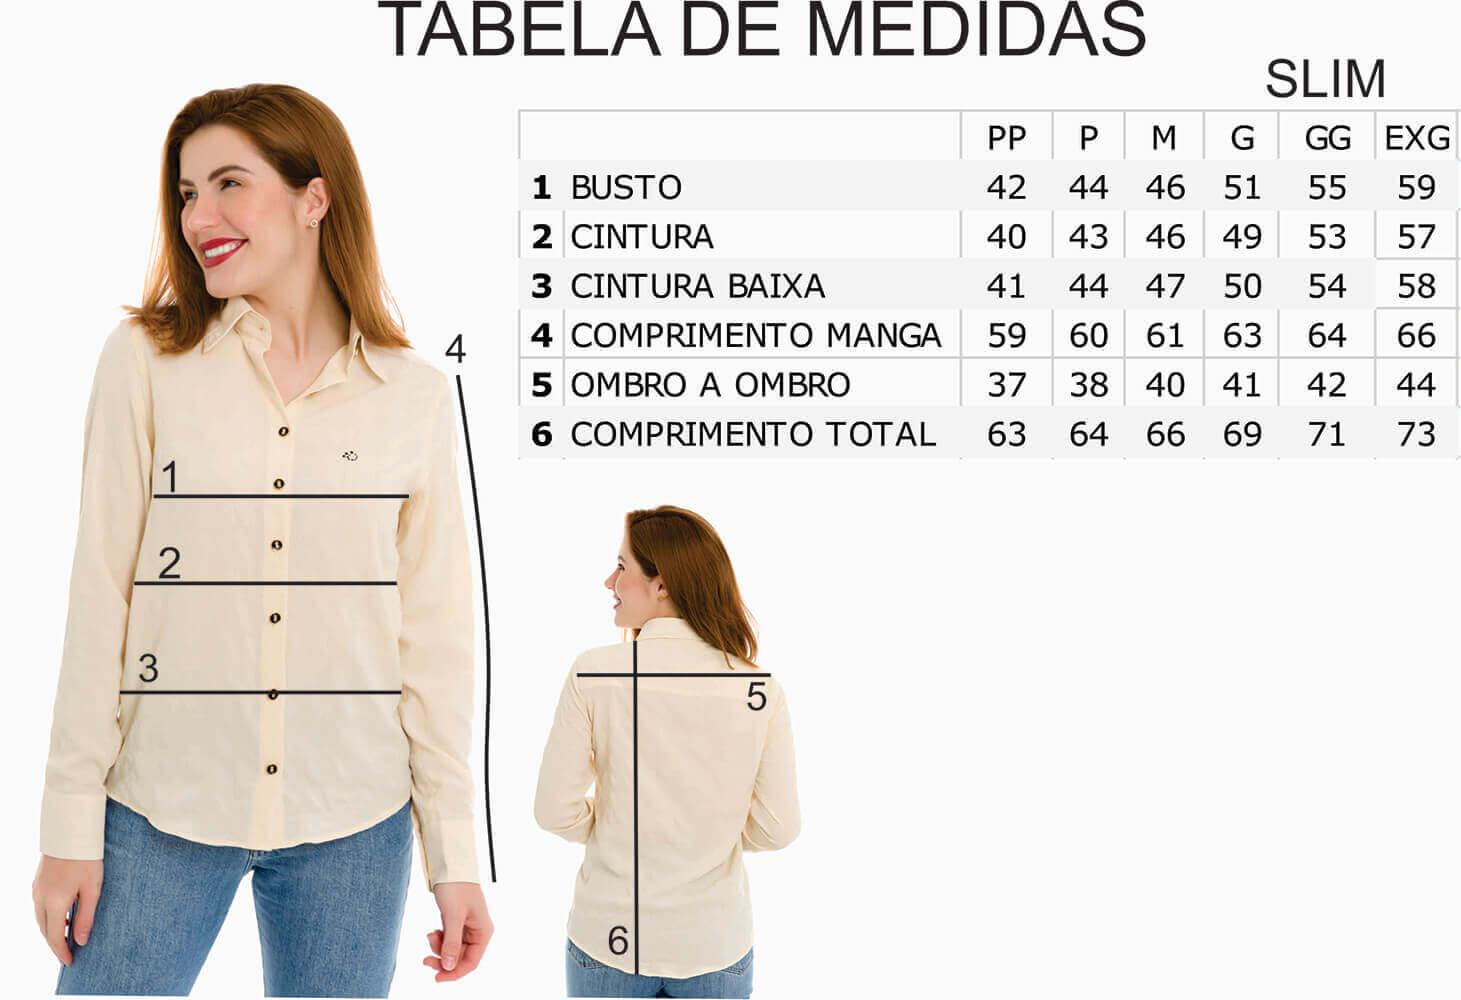 Camisa Camisete Feminino Olimpo Acetinada com Bolso 100% Algodão Fio 80 Marinho